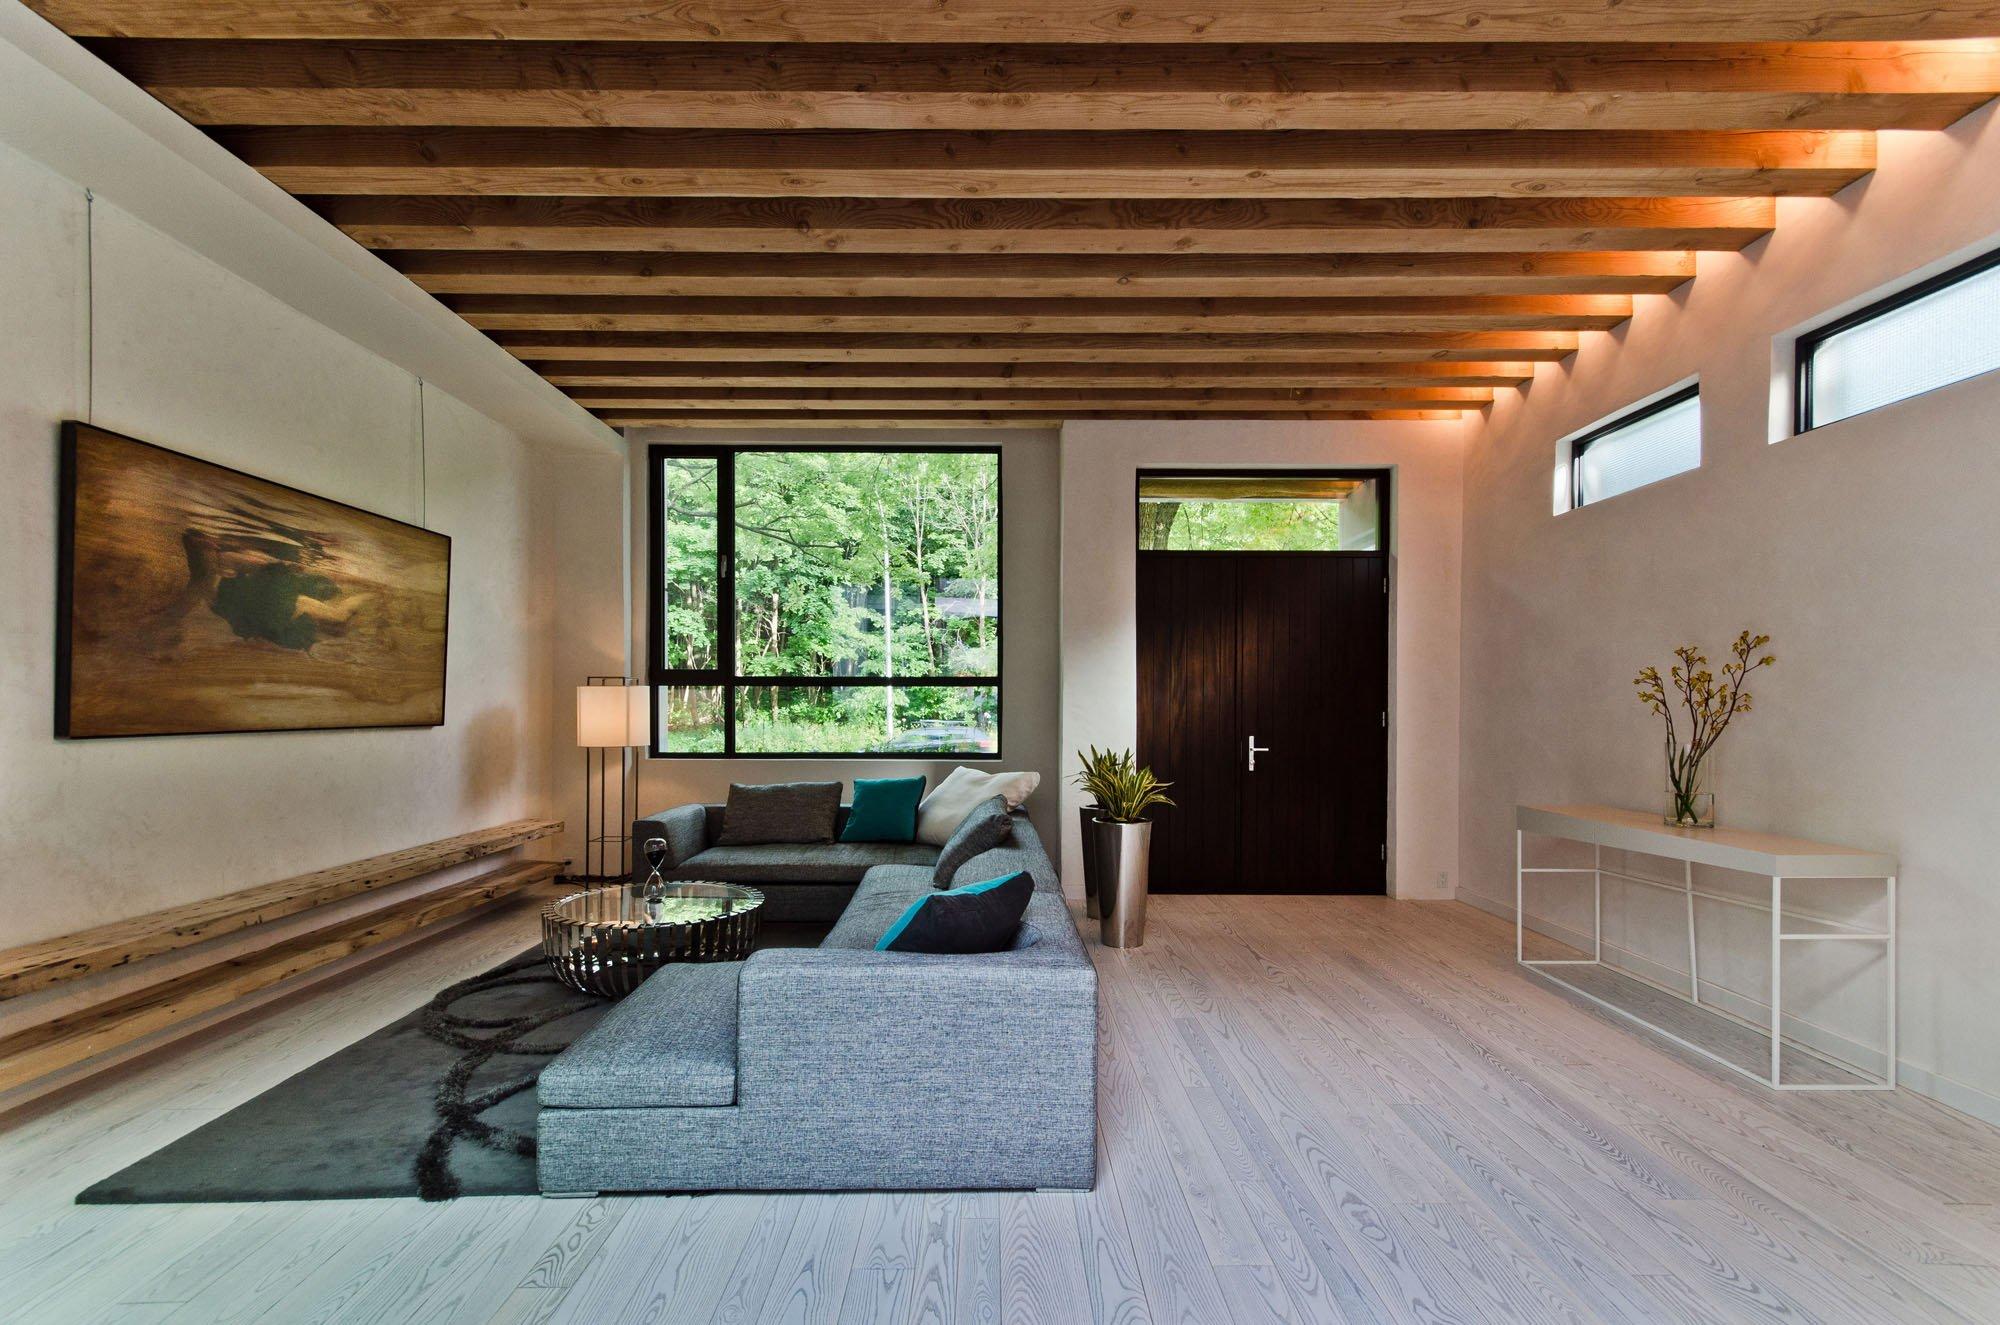 является деревянный потолок в квартире фото хотите знать наше